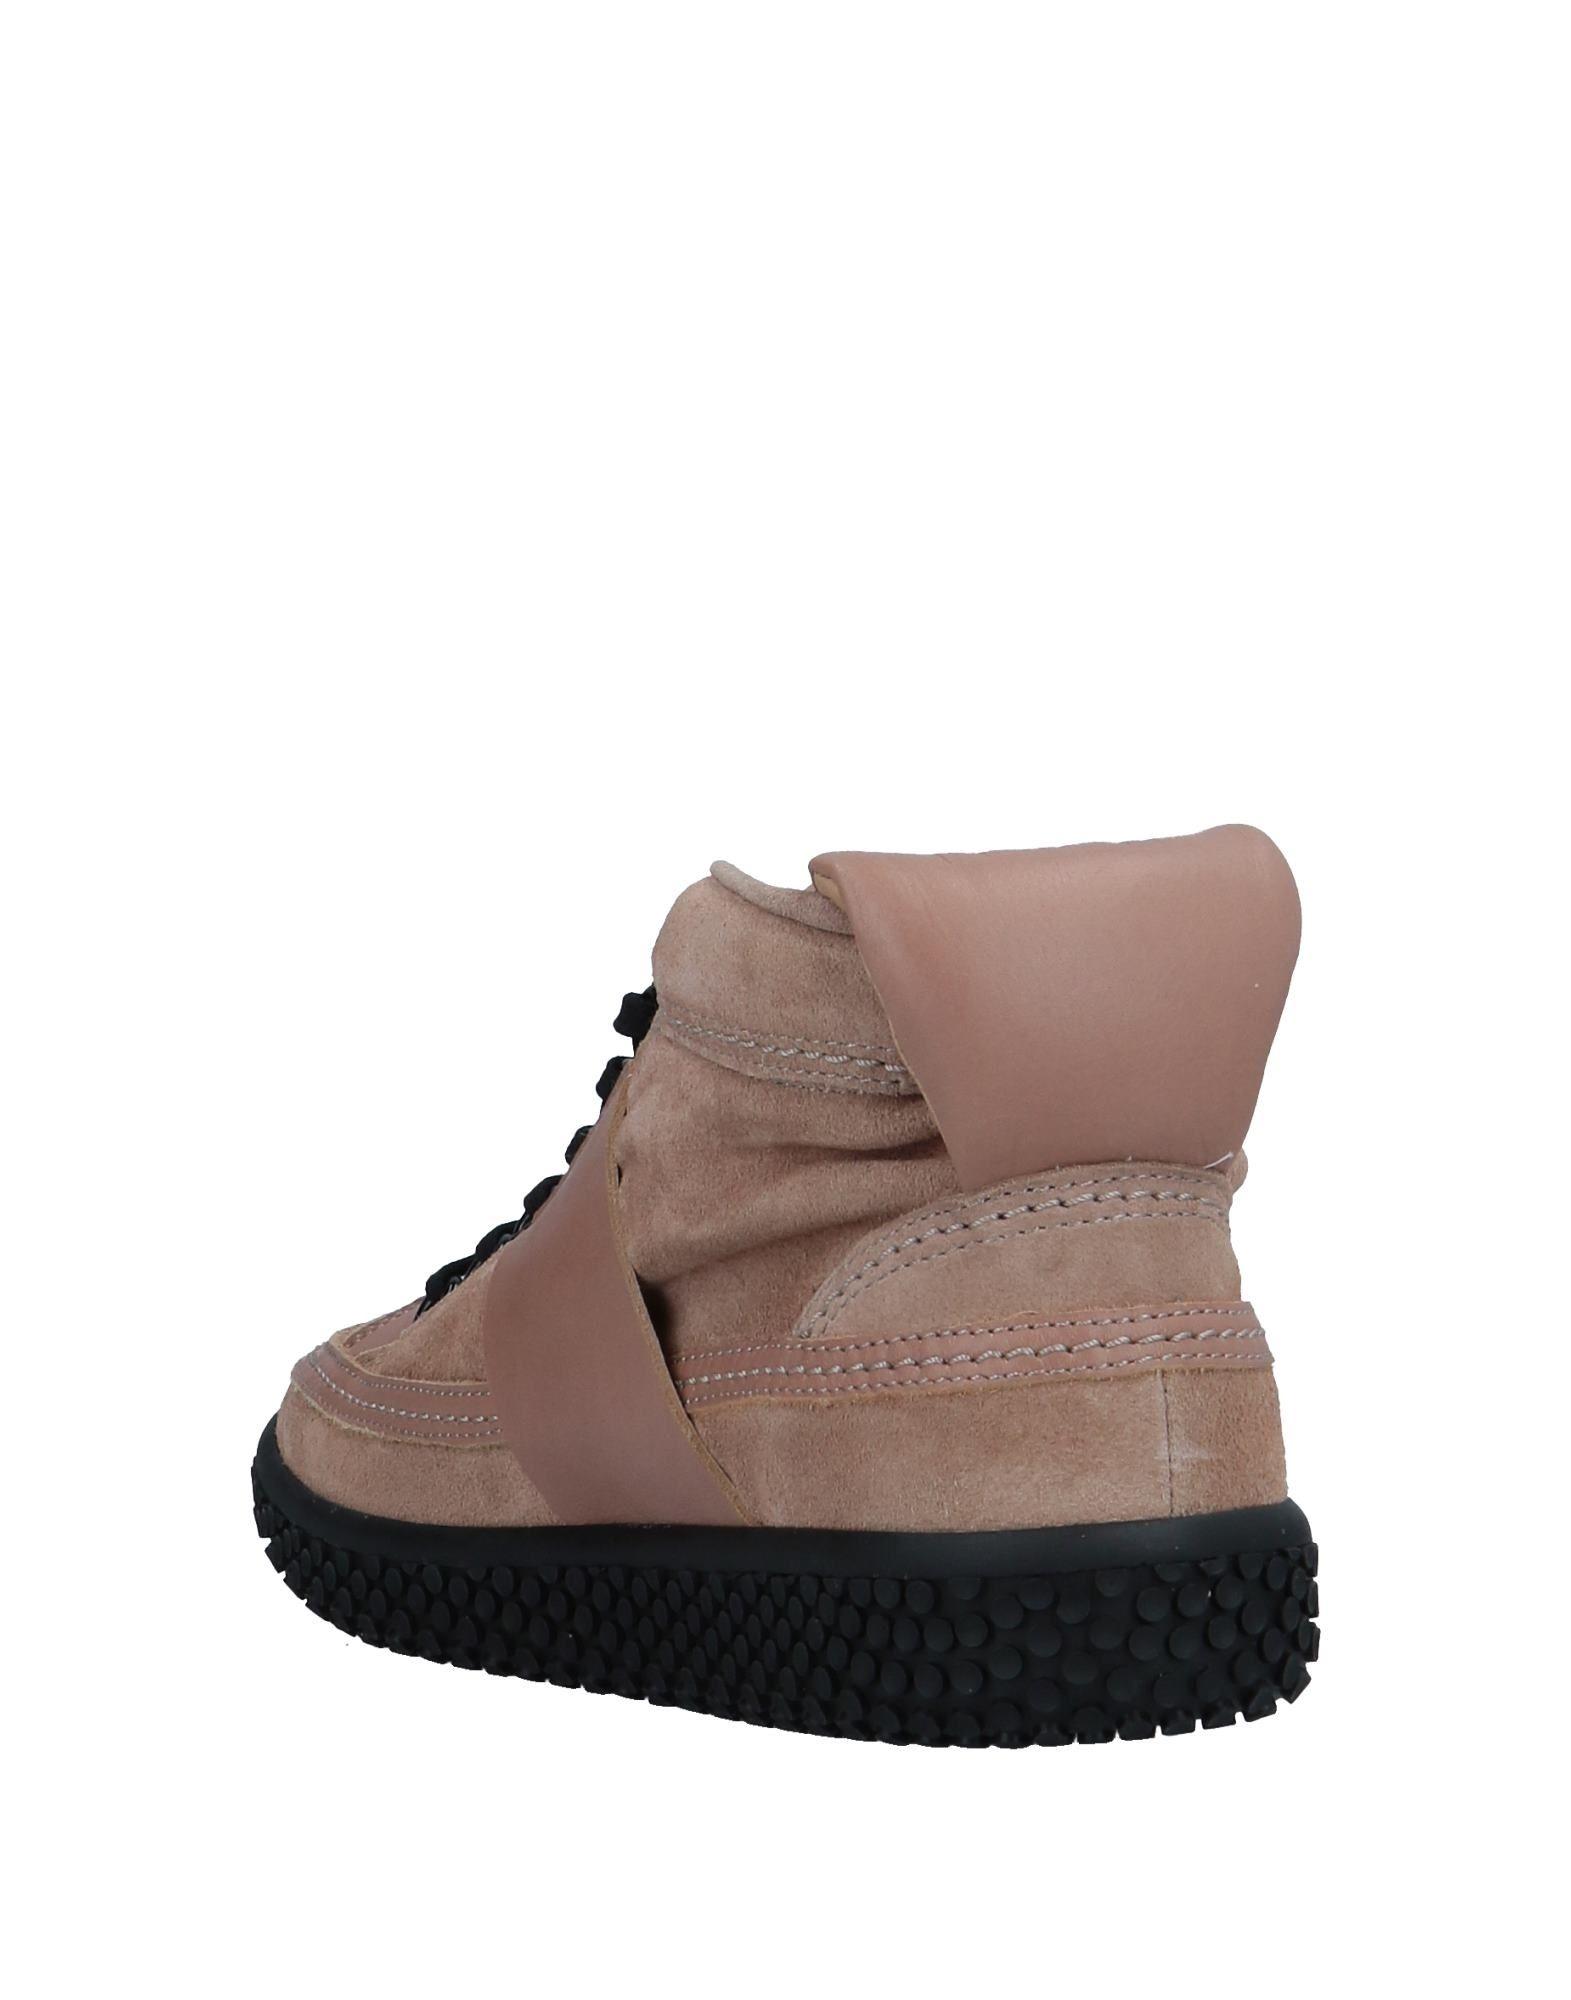 Stilvolle billige Sneakers Schuhe O.X.S. Sneakers billige Damen  11573363KV 9eed52